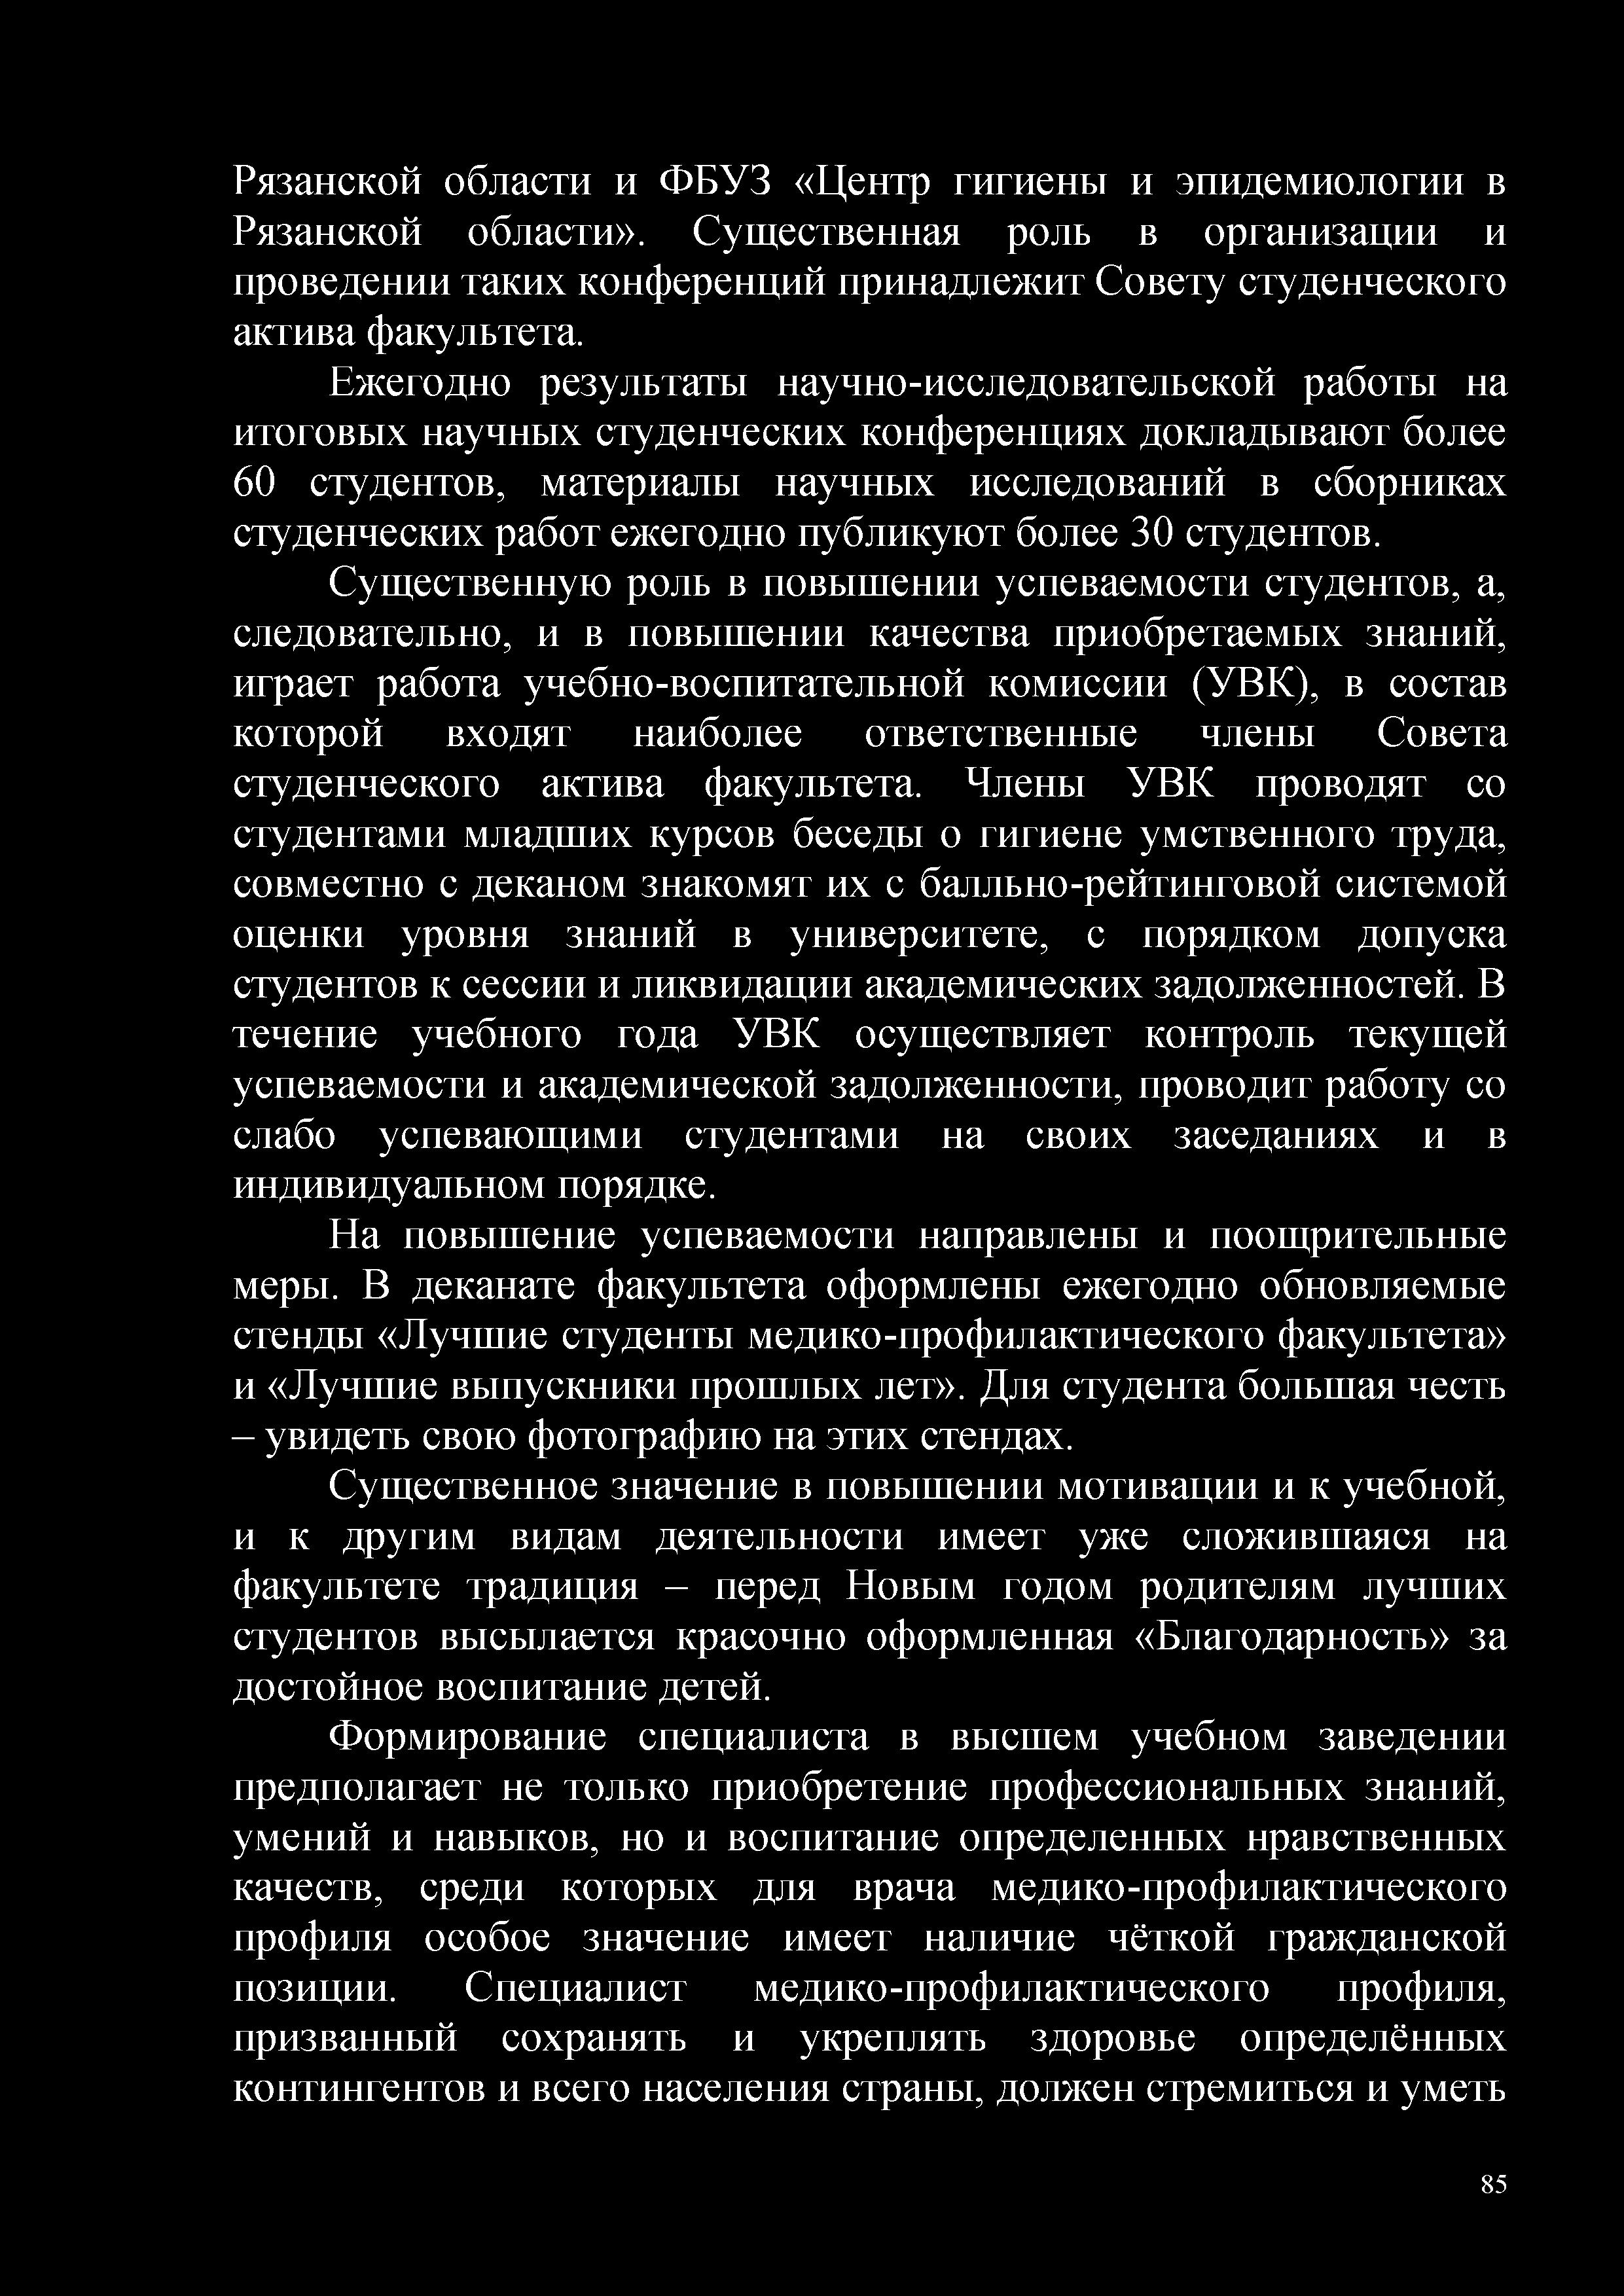 Проблемы питания современных студентов (стр. 1 из 2)